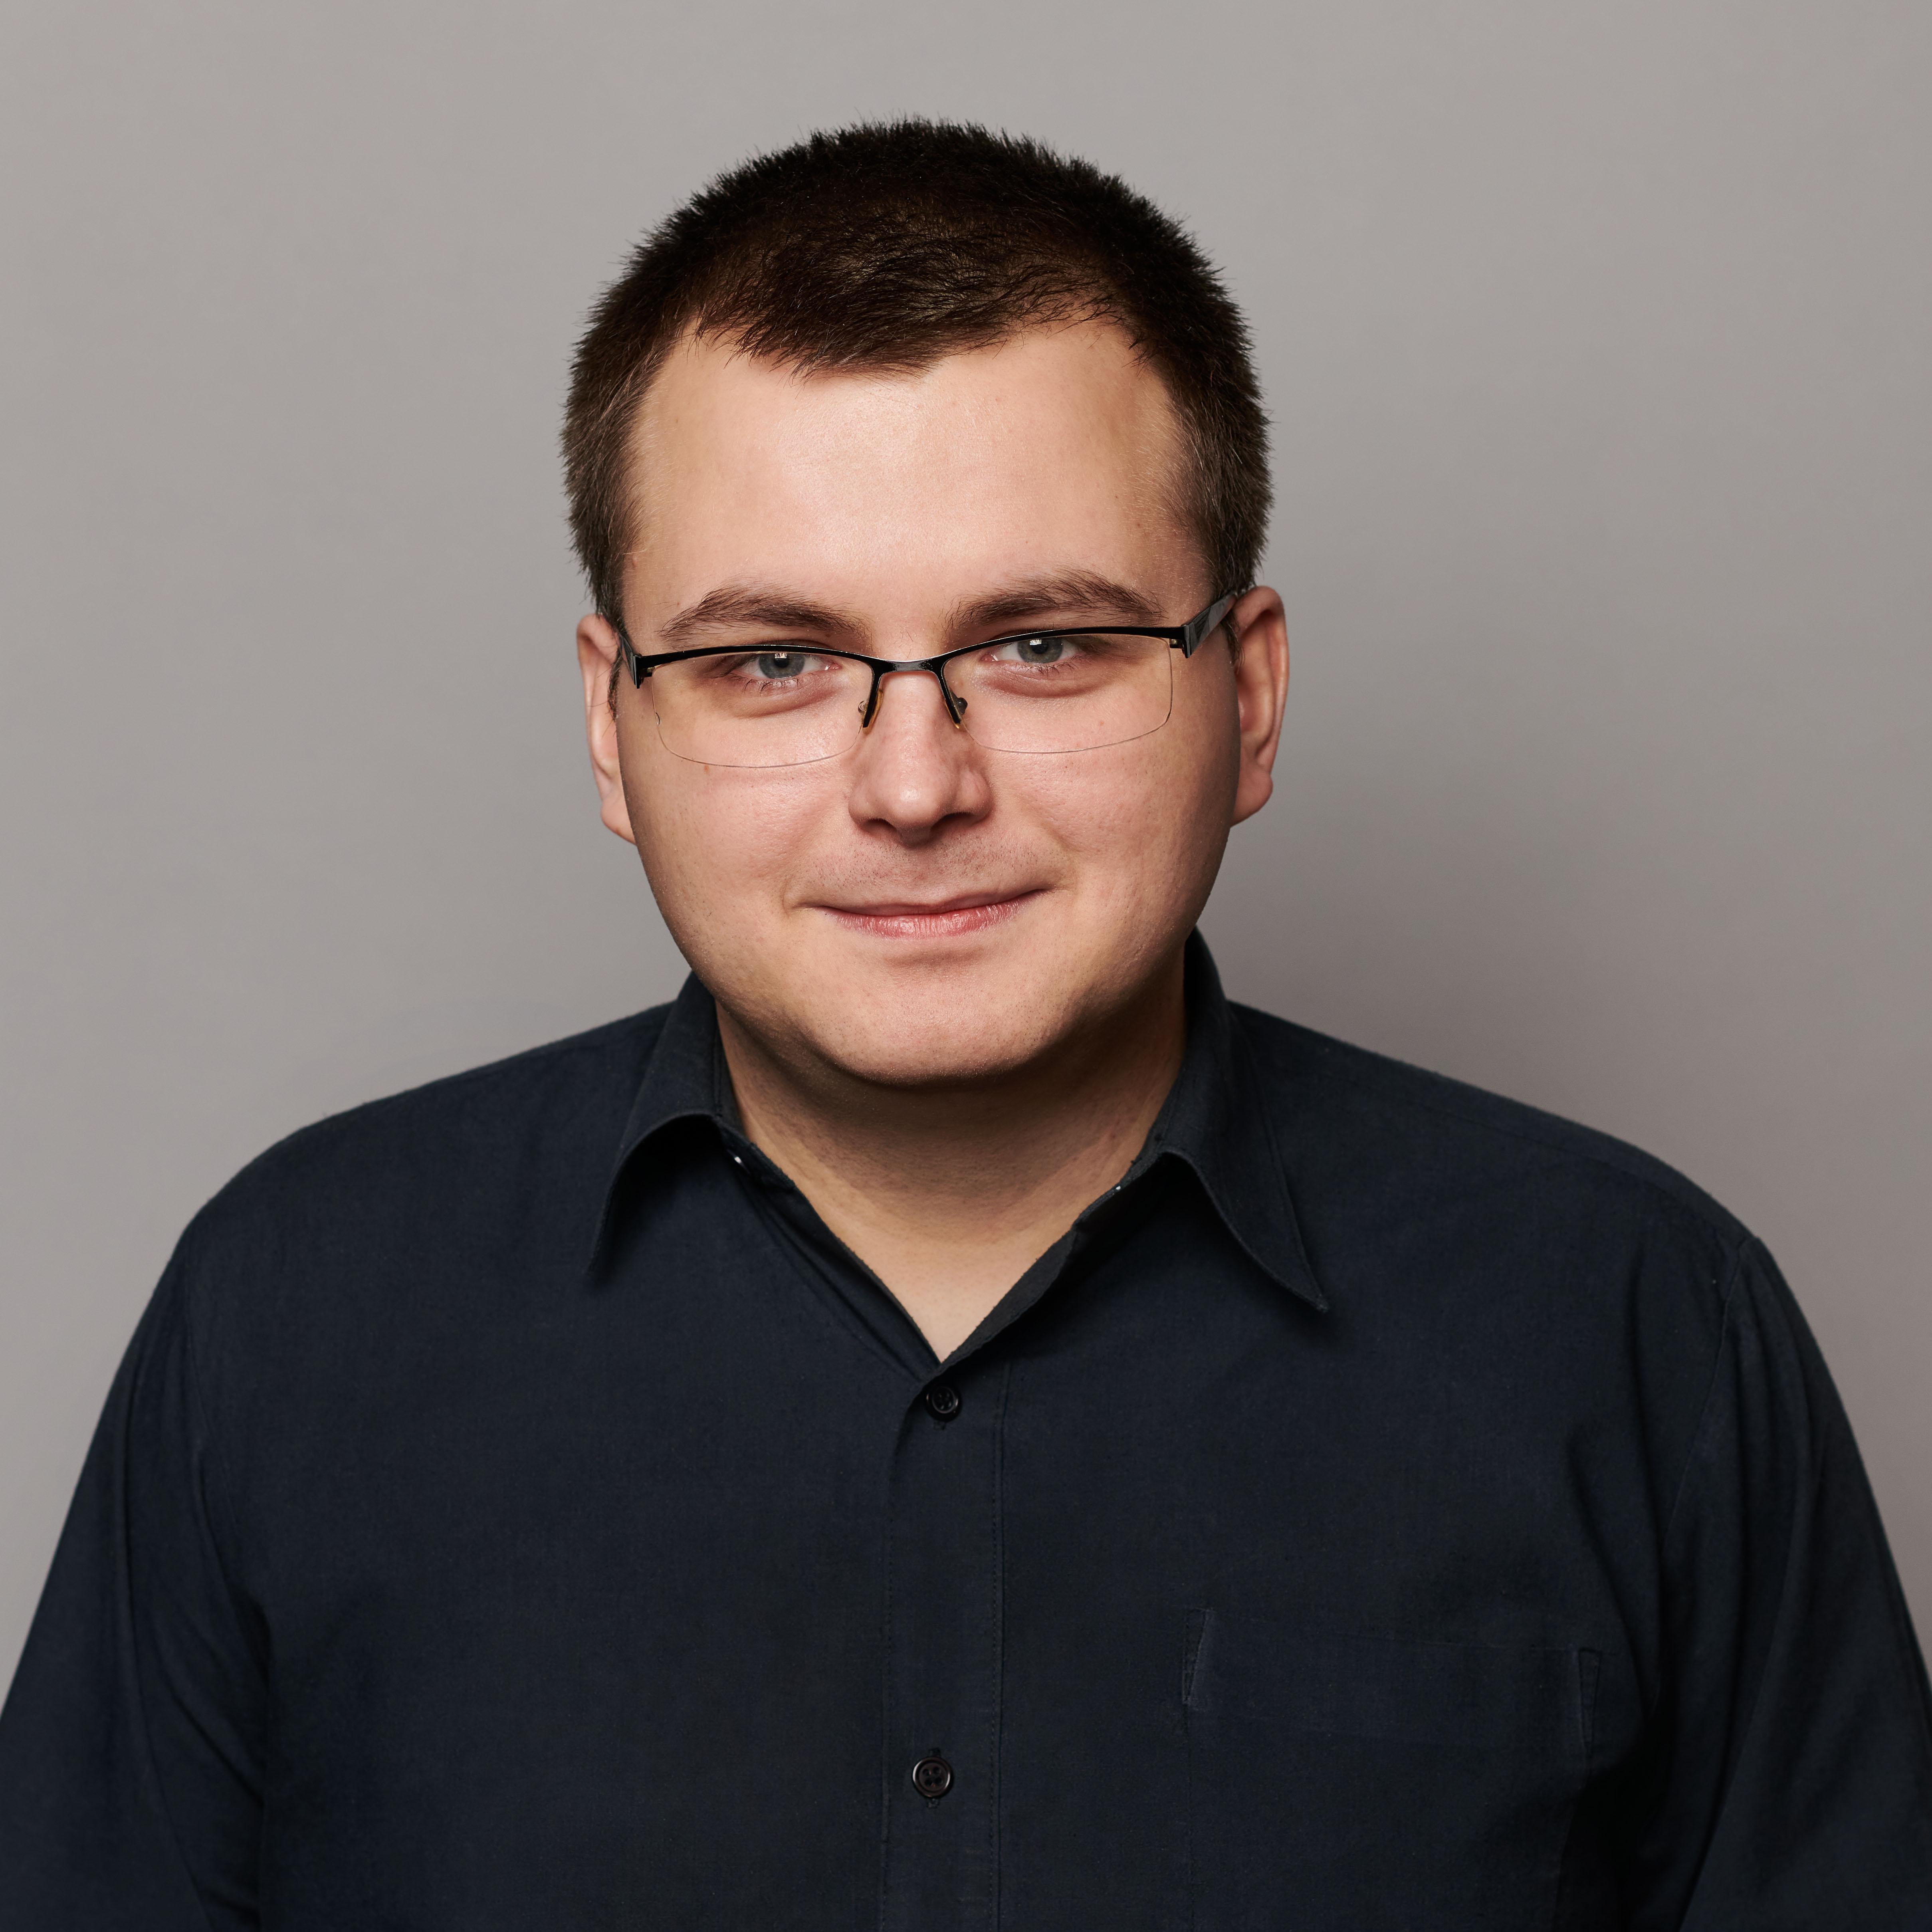 Rafał Brodacki